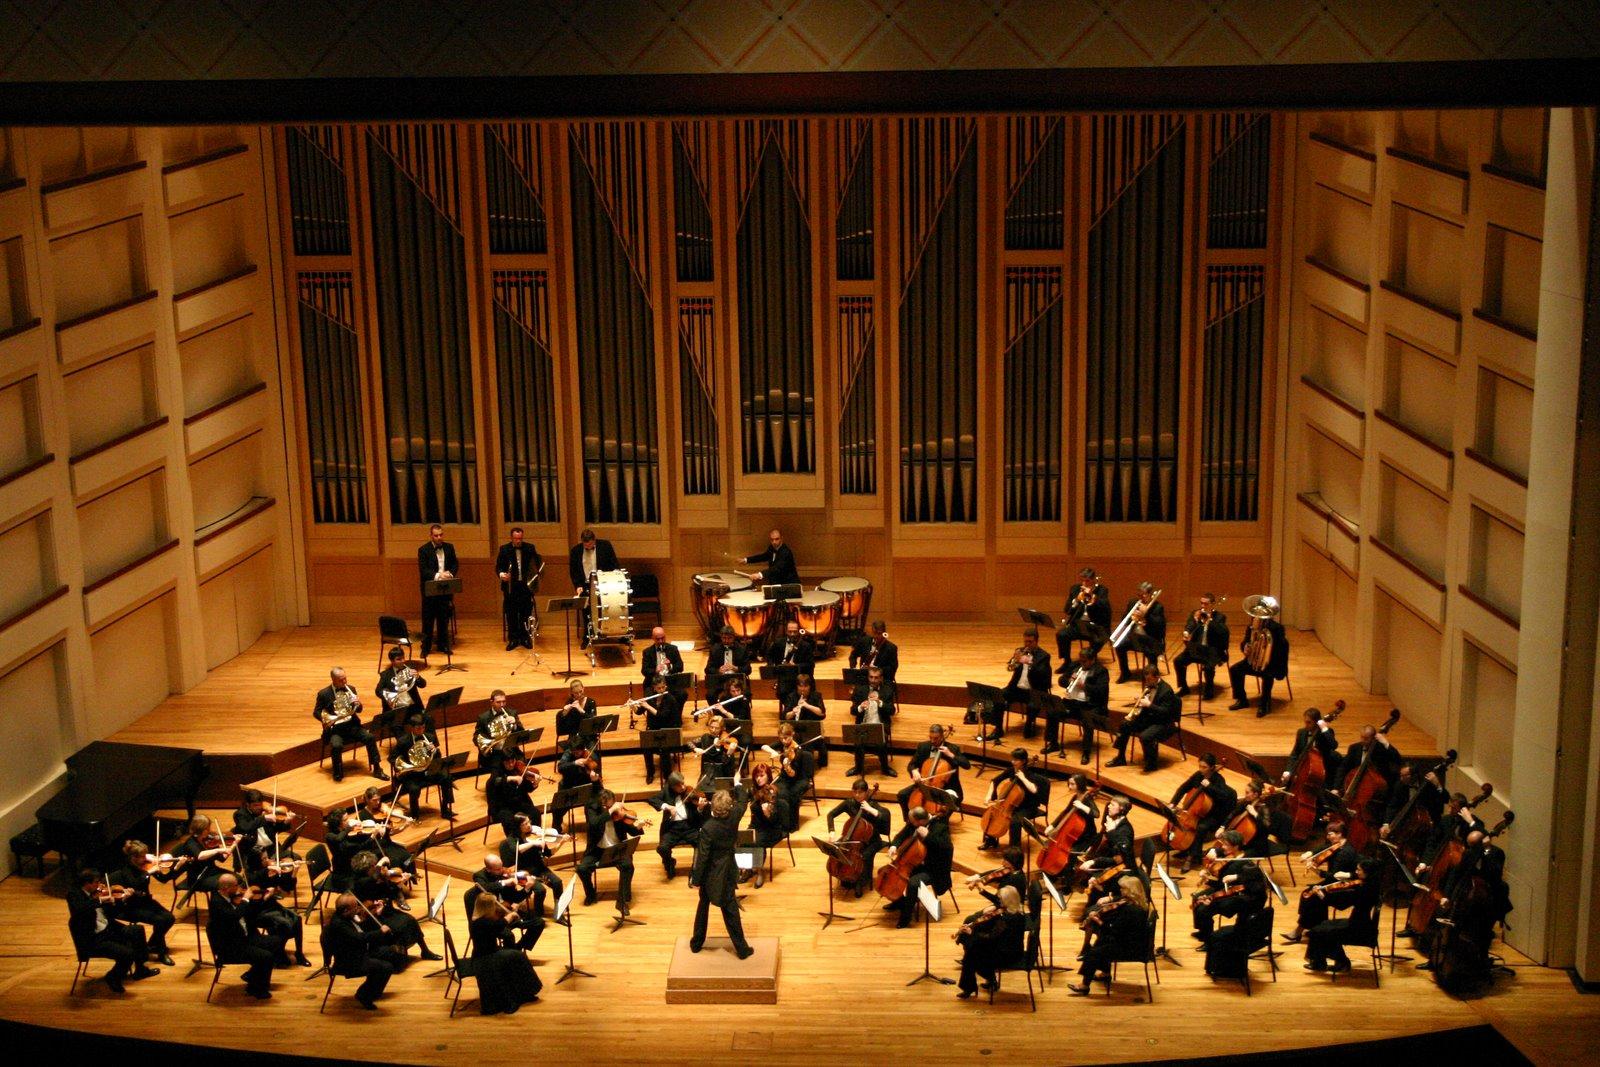 اجرای موسیقی کلاسیک «مارش خاکسپاری» از آهنگساز افسانه ای، فردریک شوپن